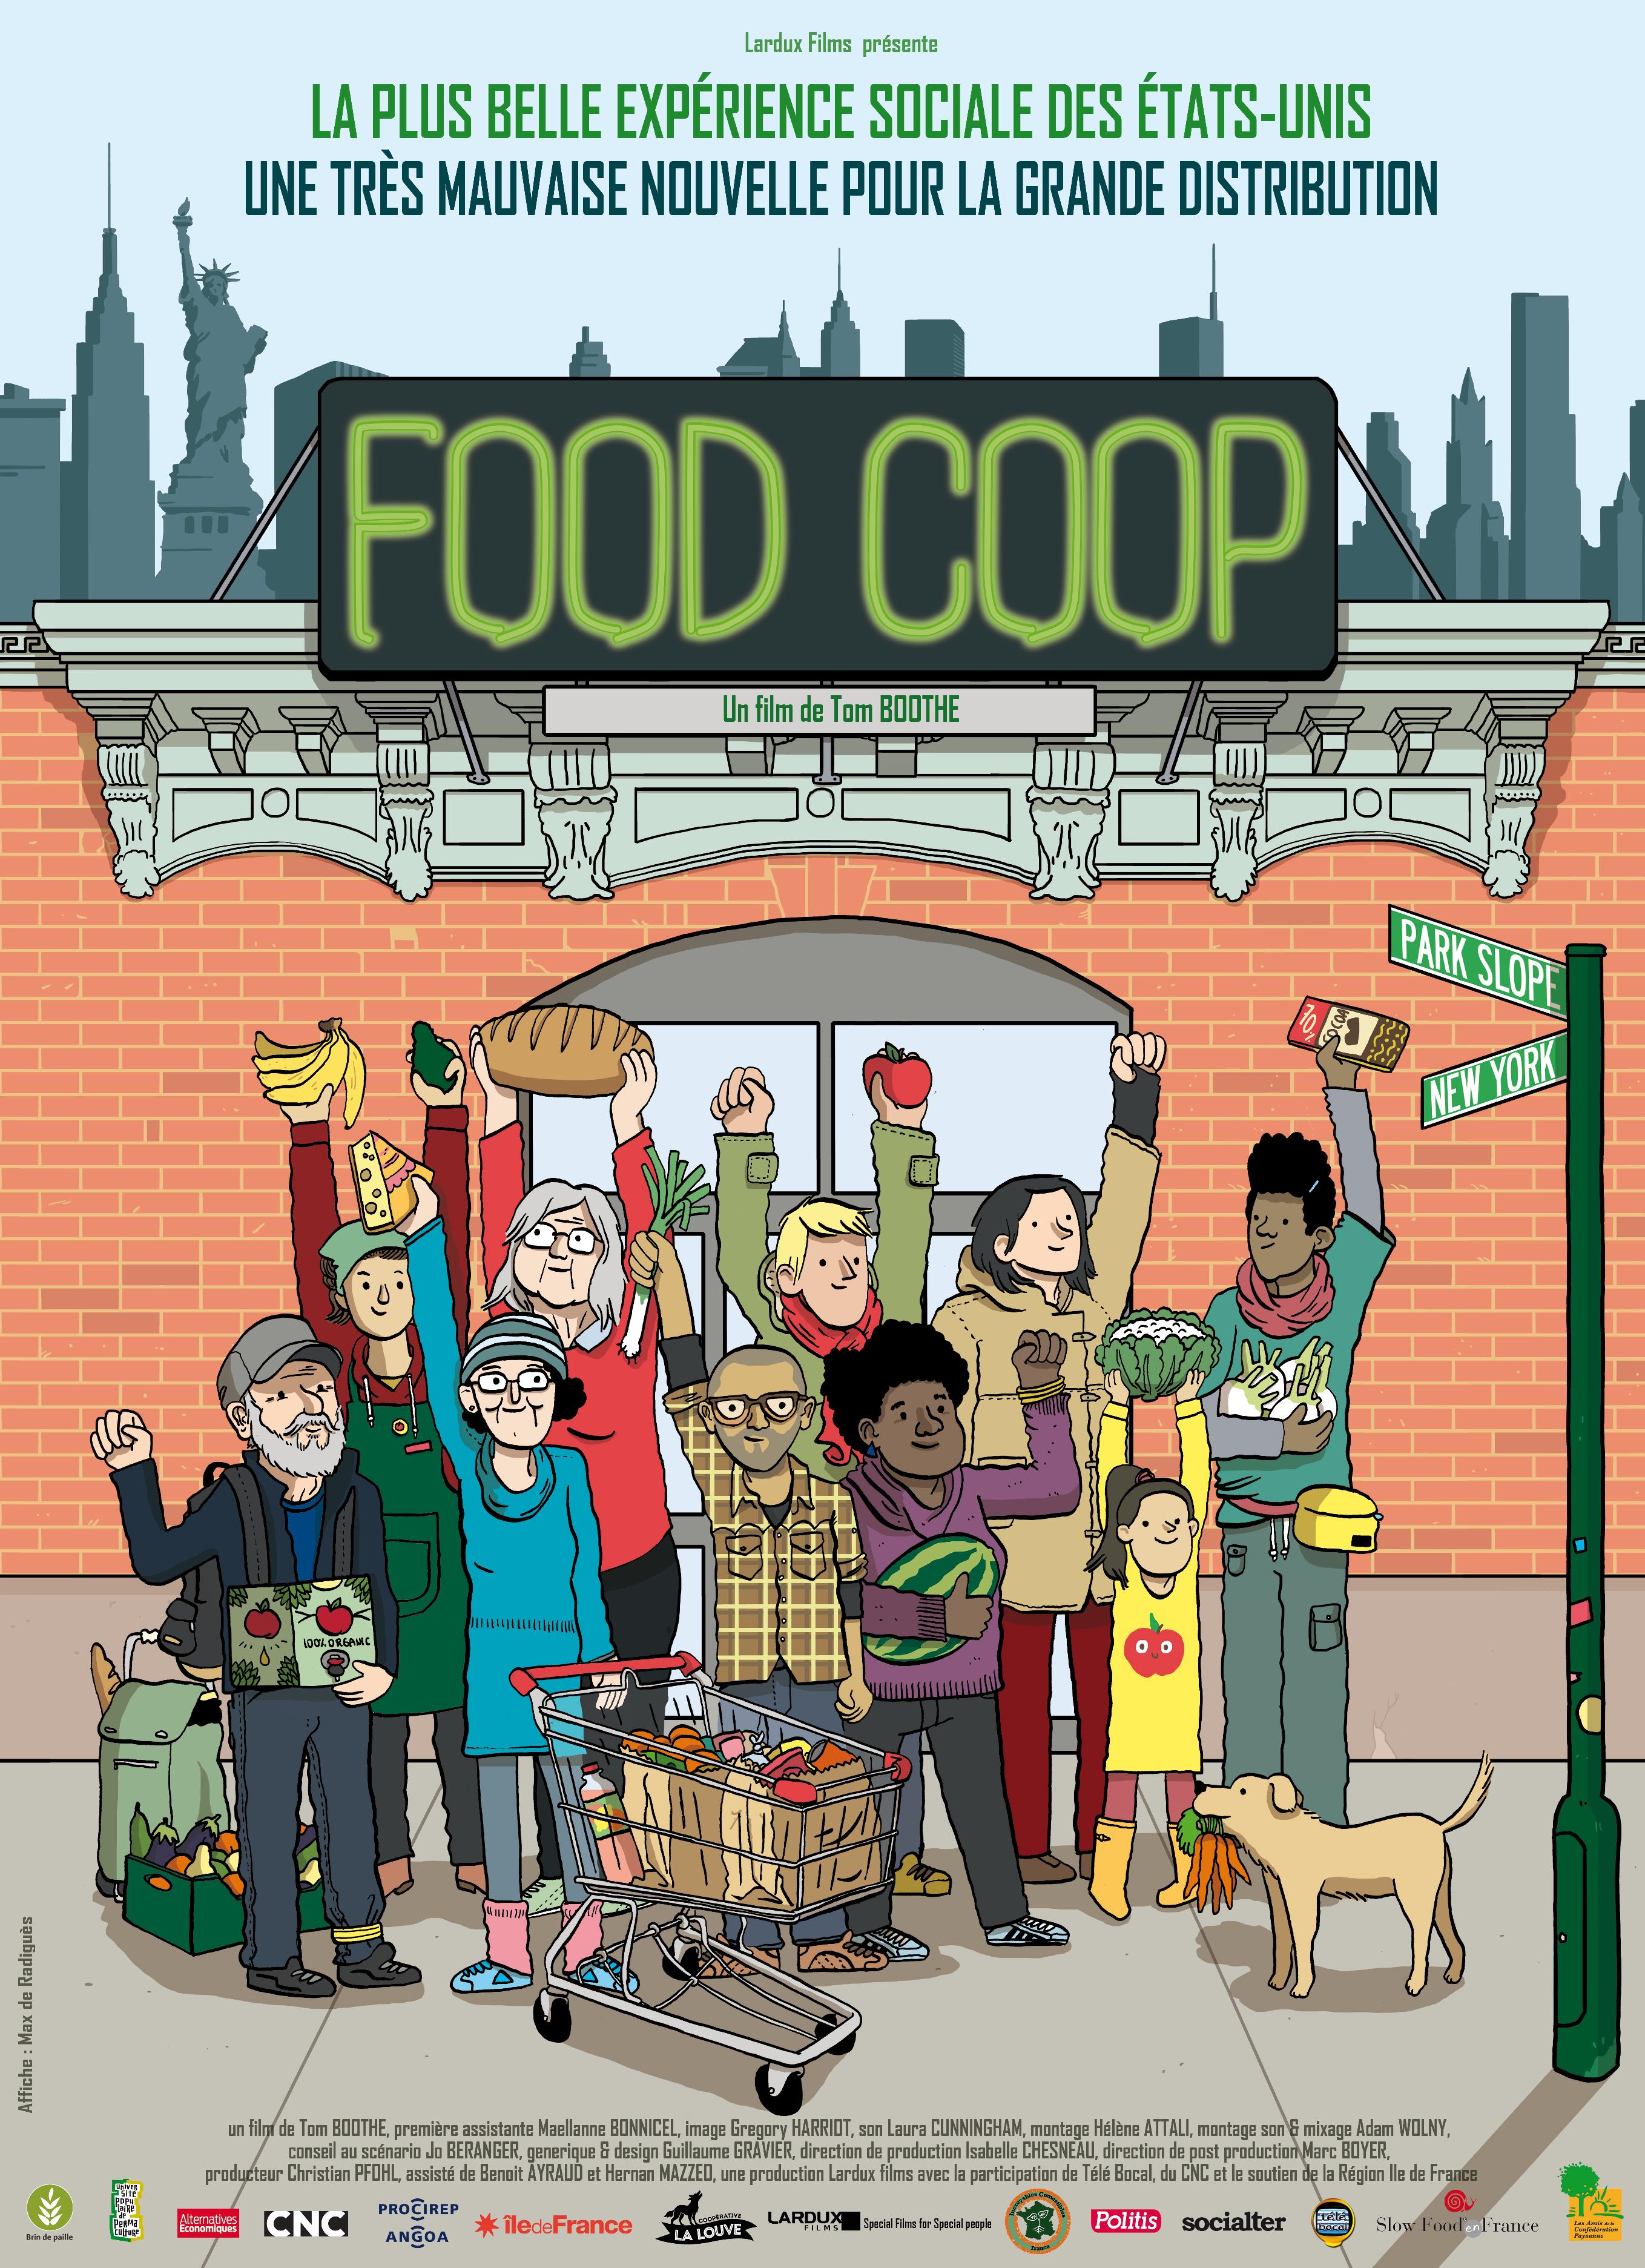 FOOD COOP : Projection + débat